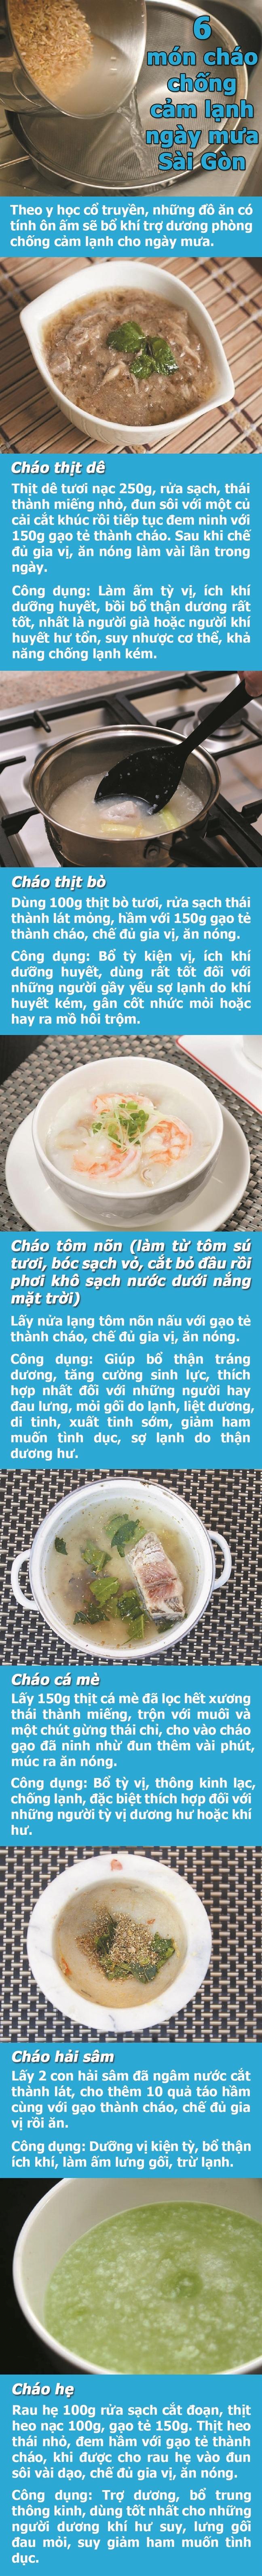 6 mon chao chong cam lanh ngay mua Sai Gon